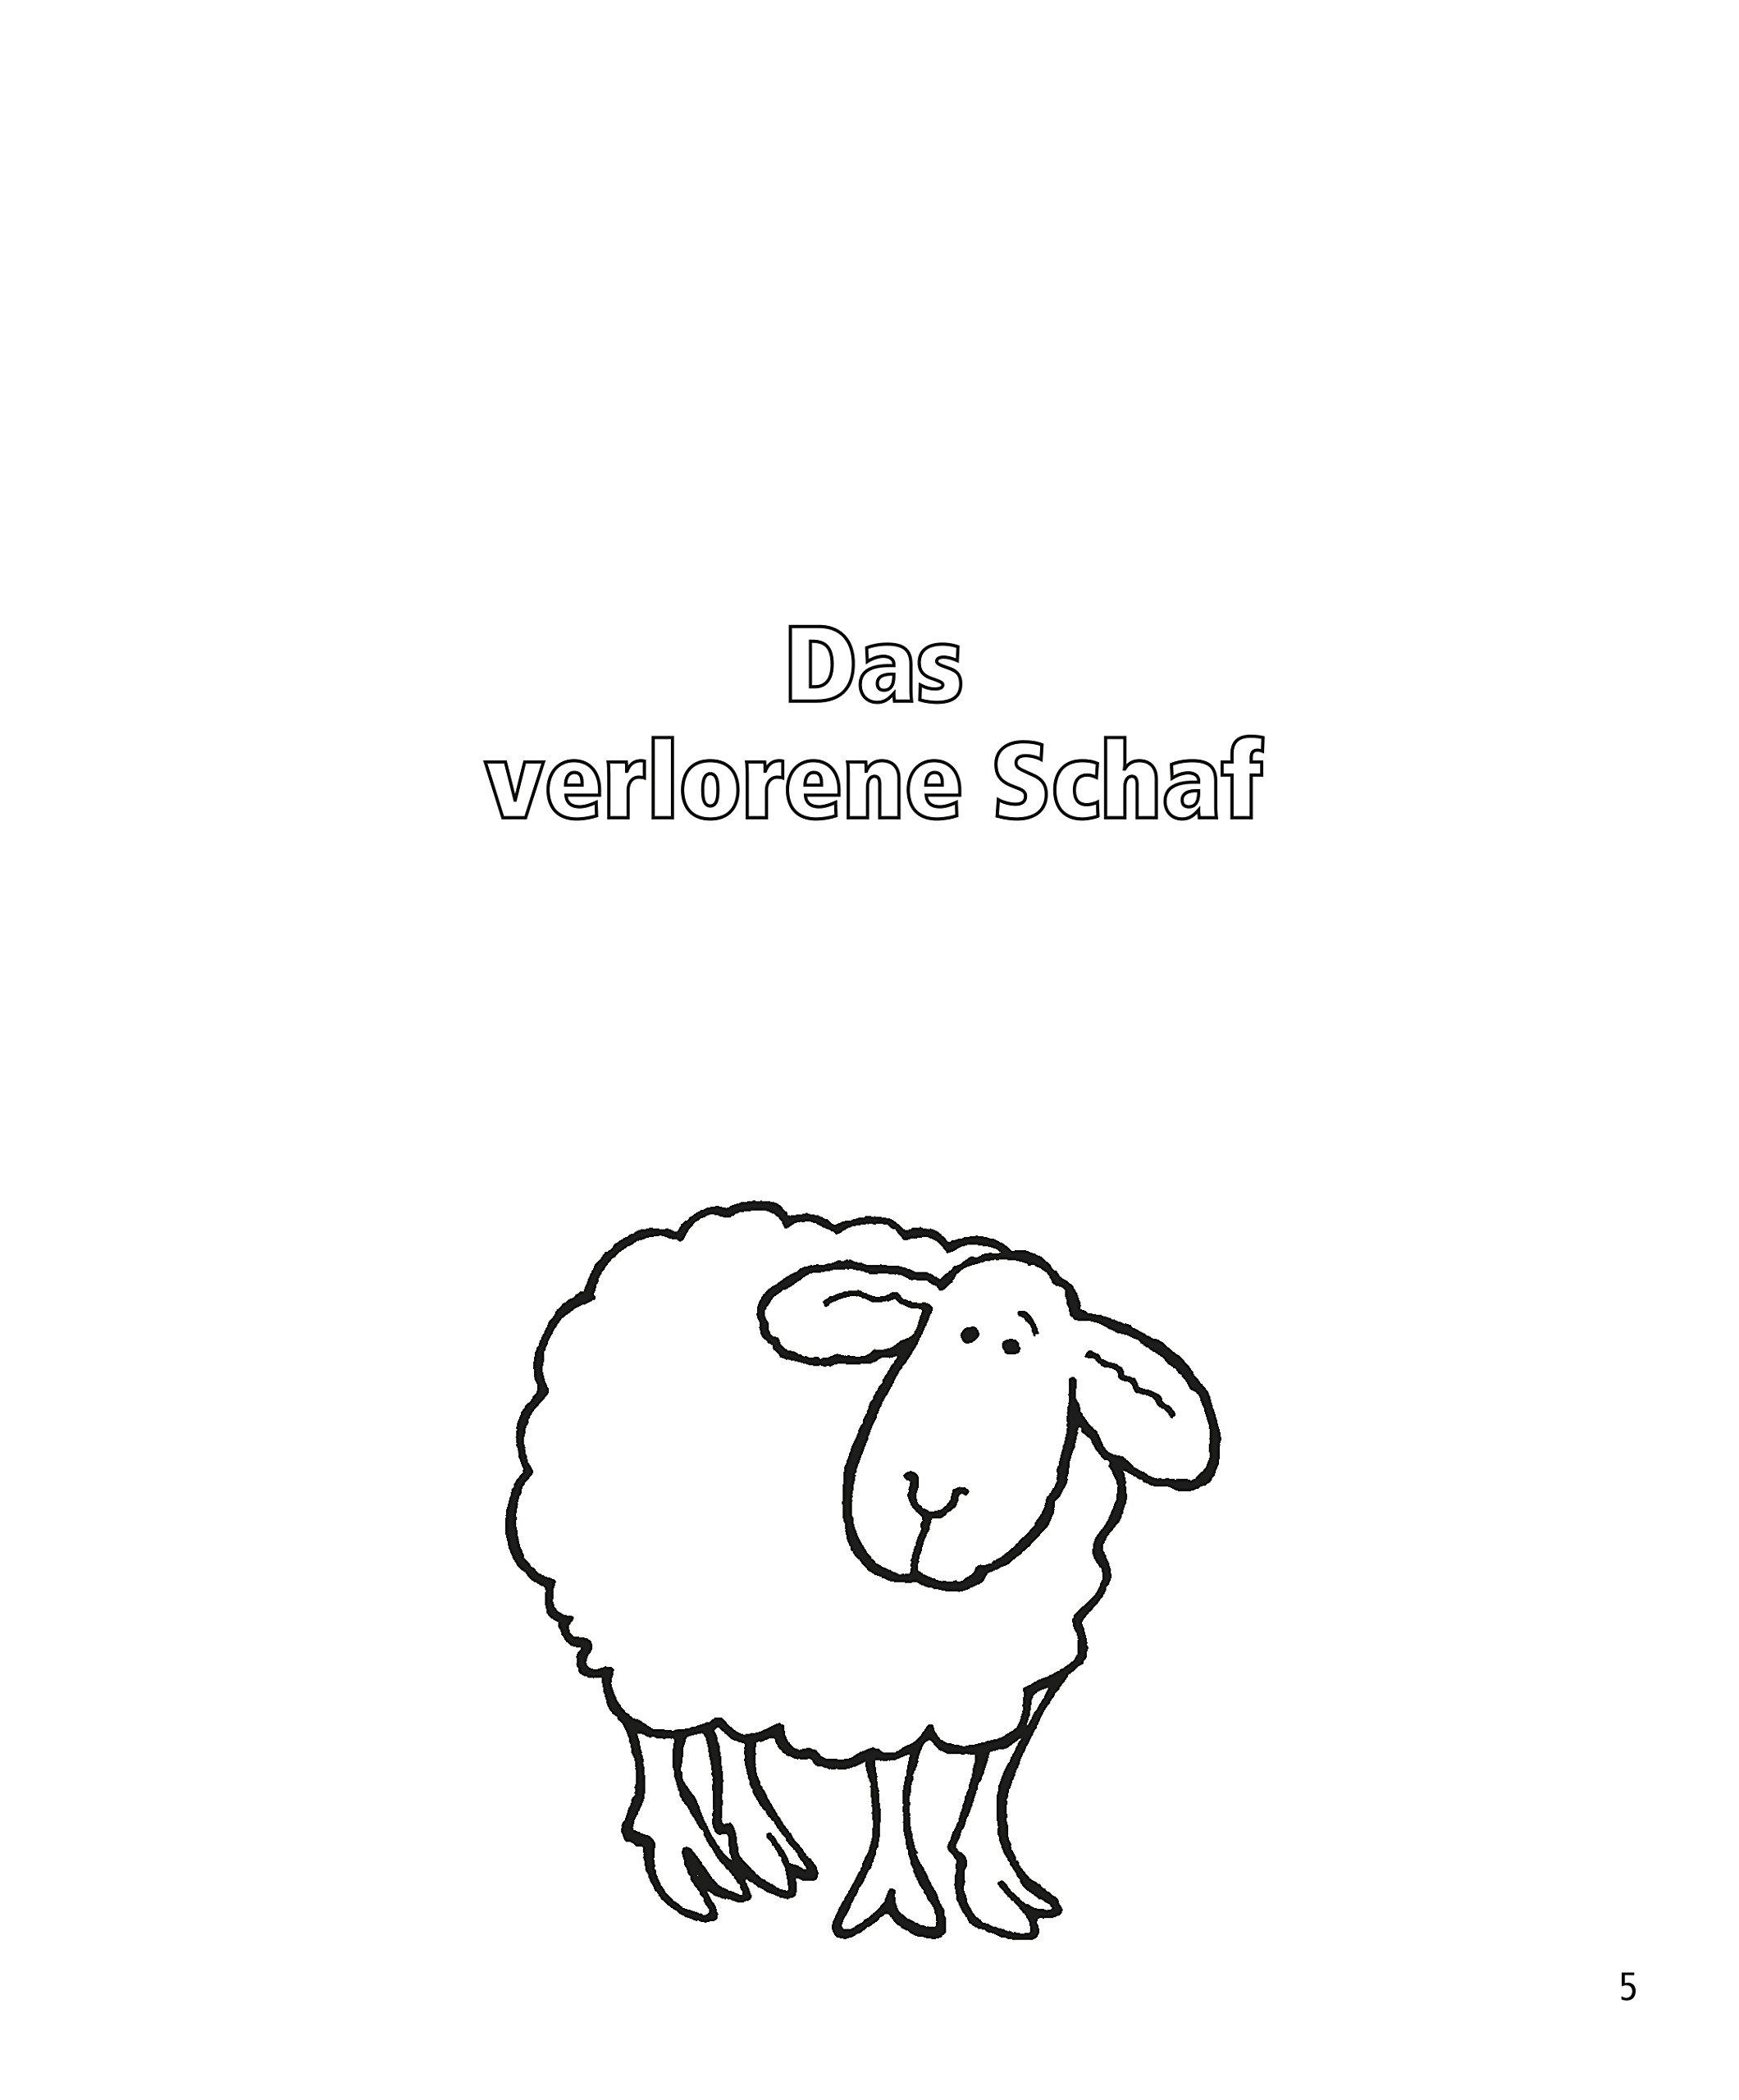 Erfreut Verlorene Schafe Malvorlagen Fotos - Malvorlagen Ideen ...